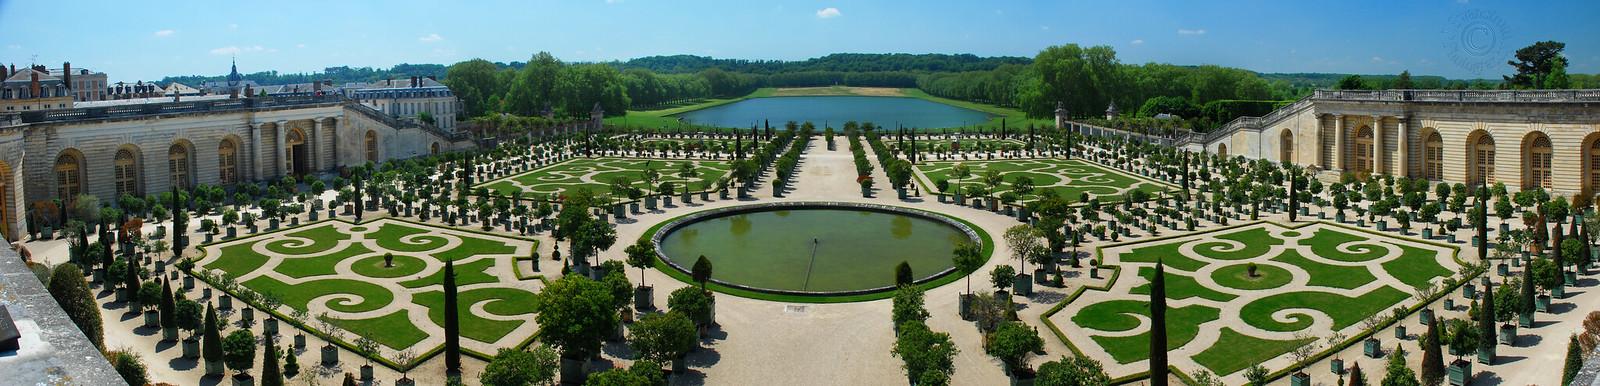 L'Orangerie - Le Château de Versailles (Pano)